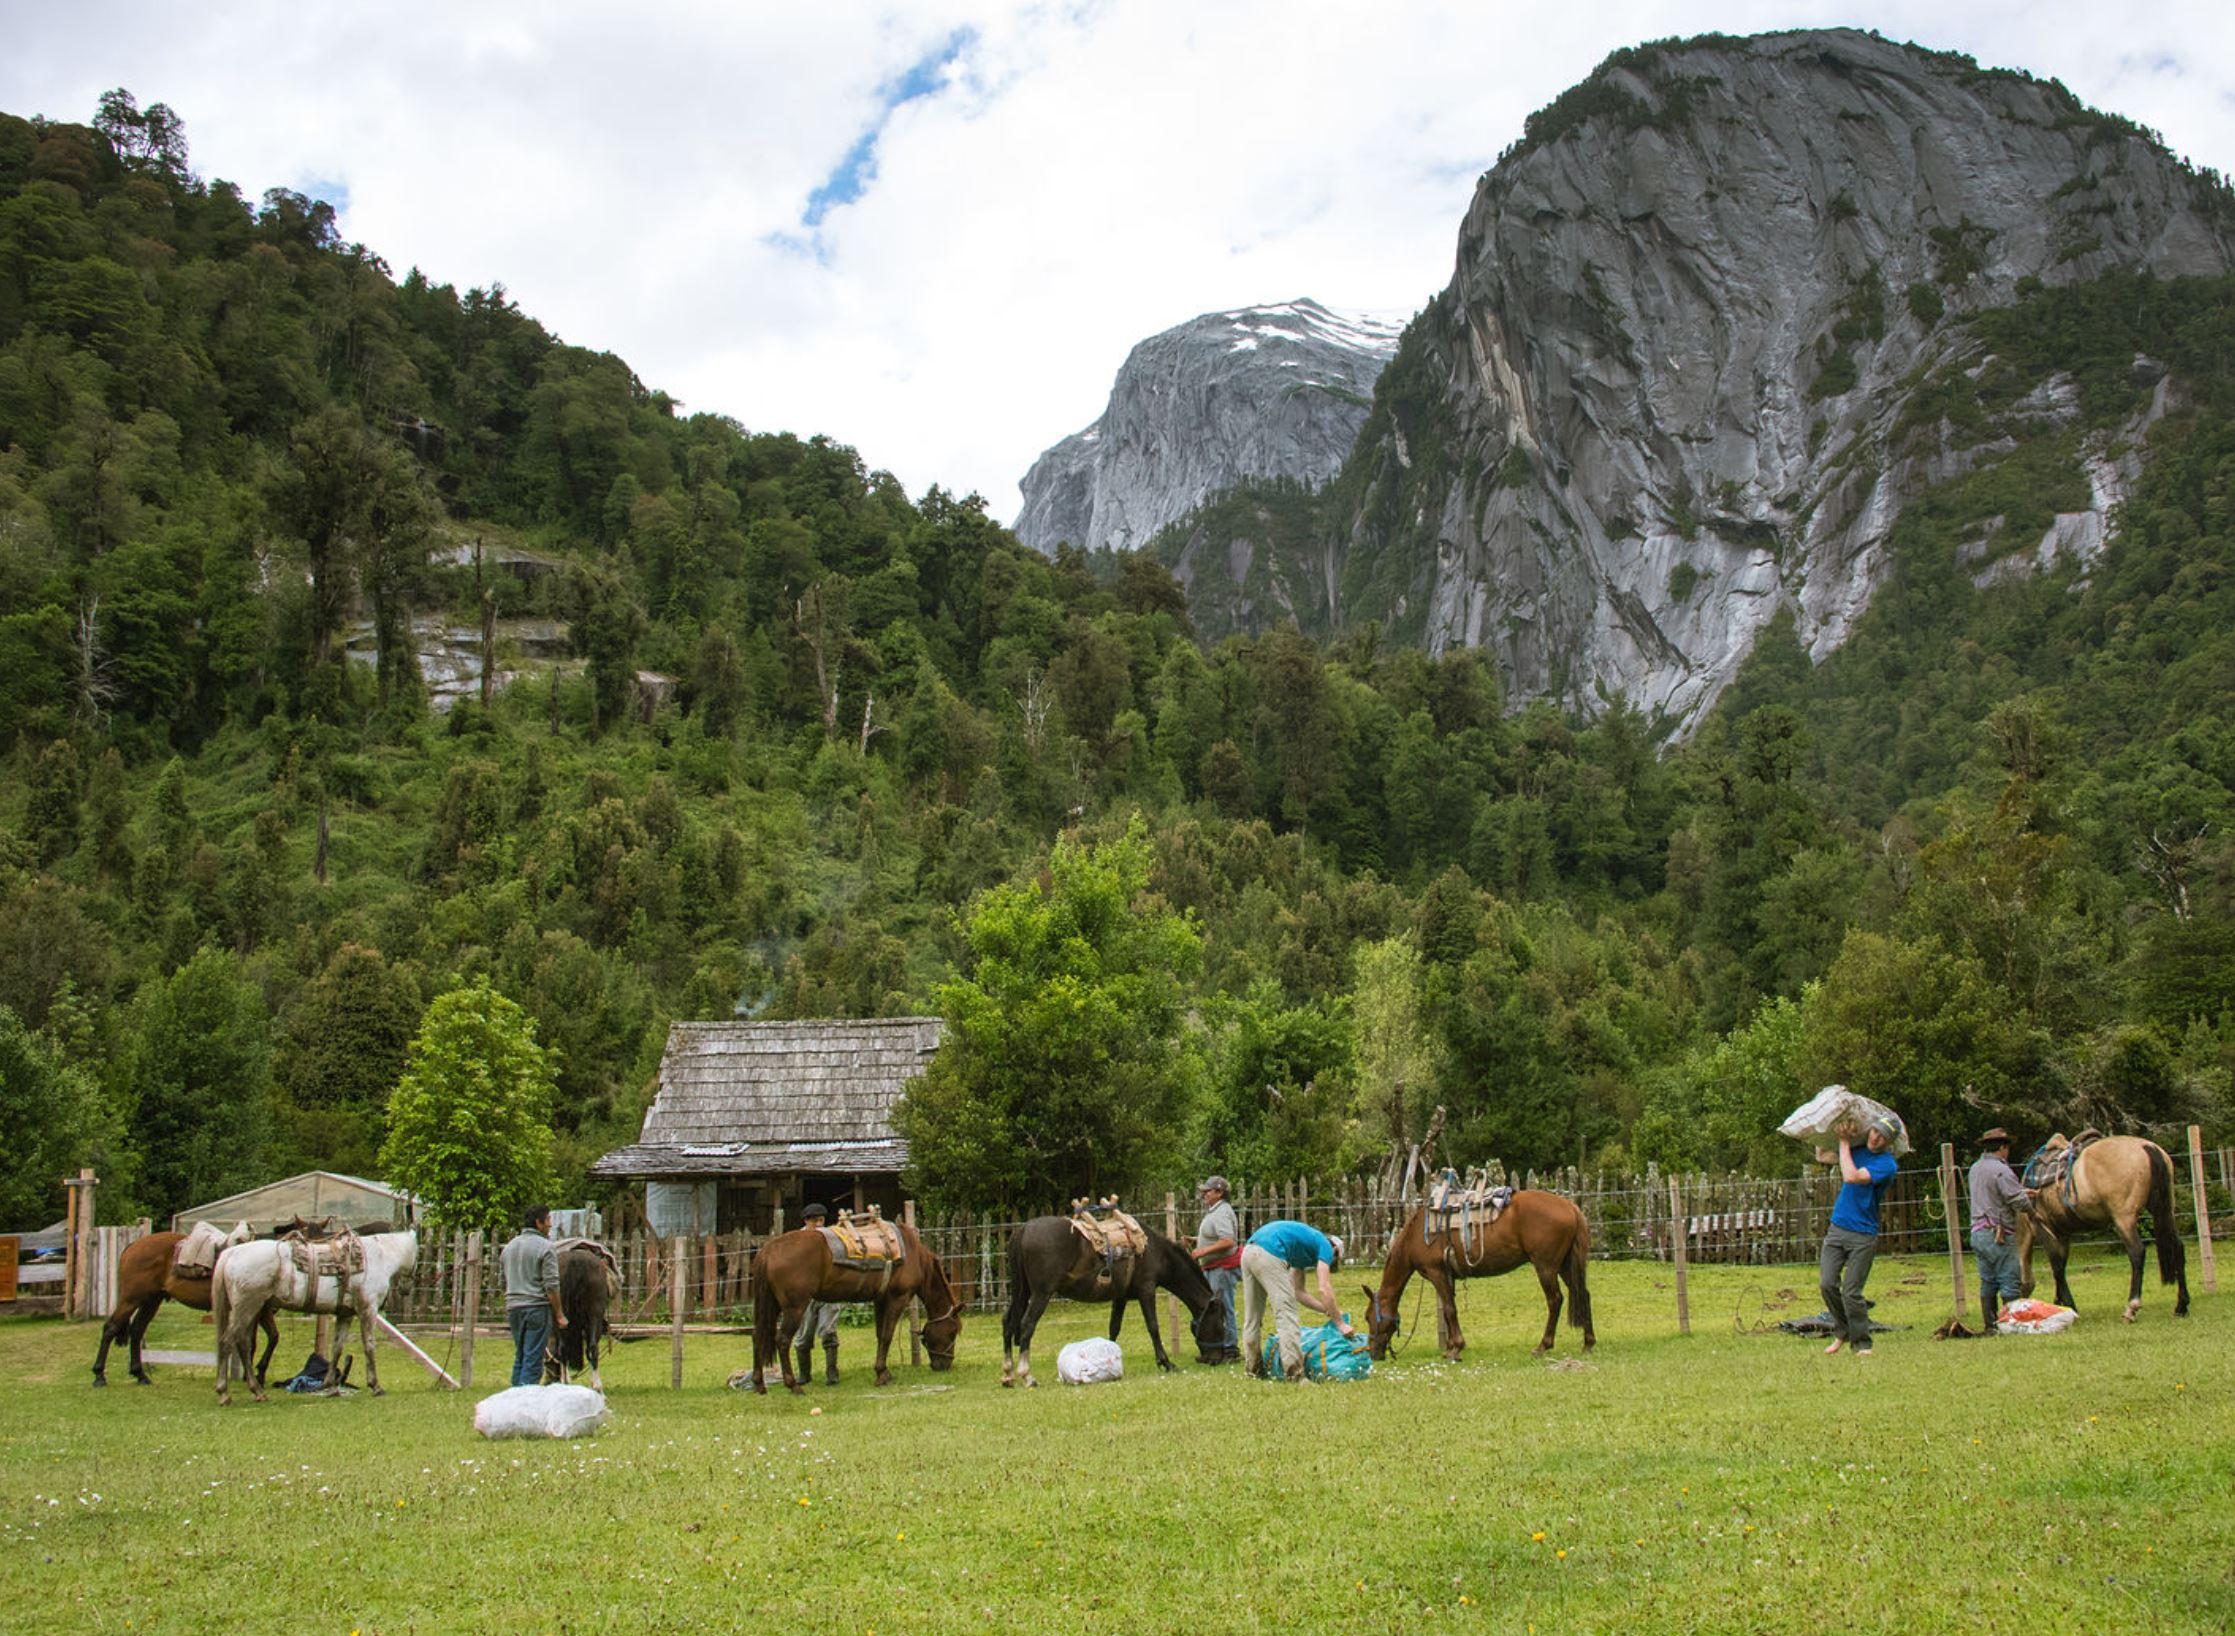 Arrieros y sus caballos descargan sus bultos de mochilas en Camping La Junta.